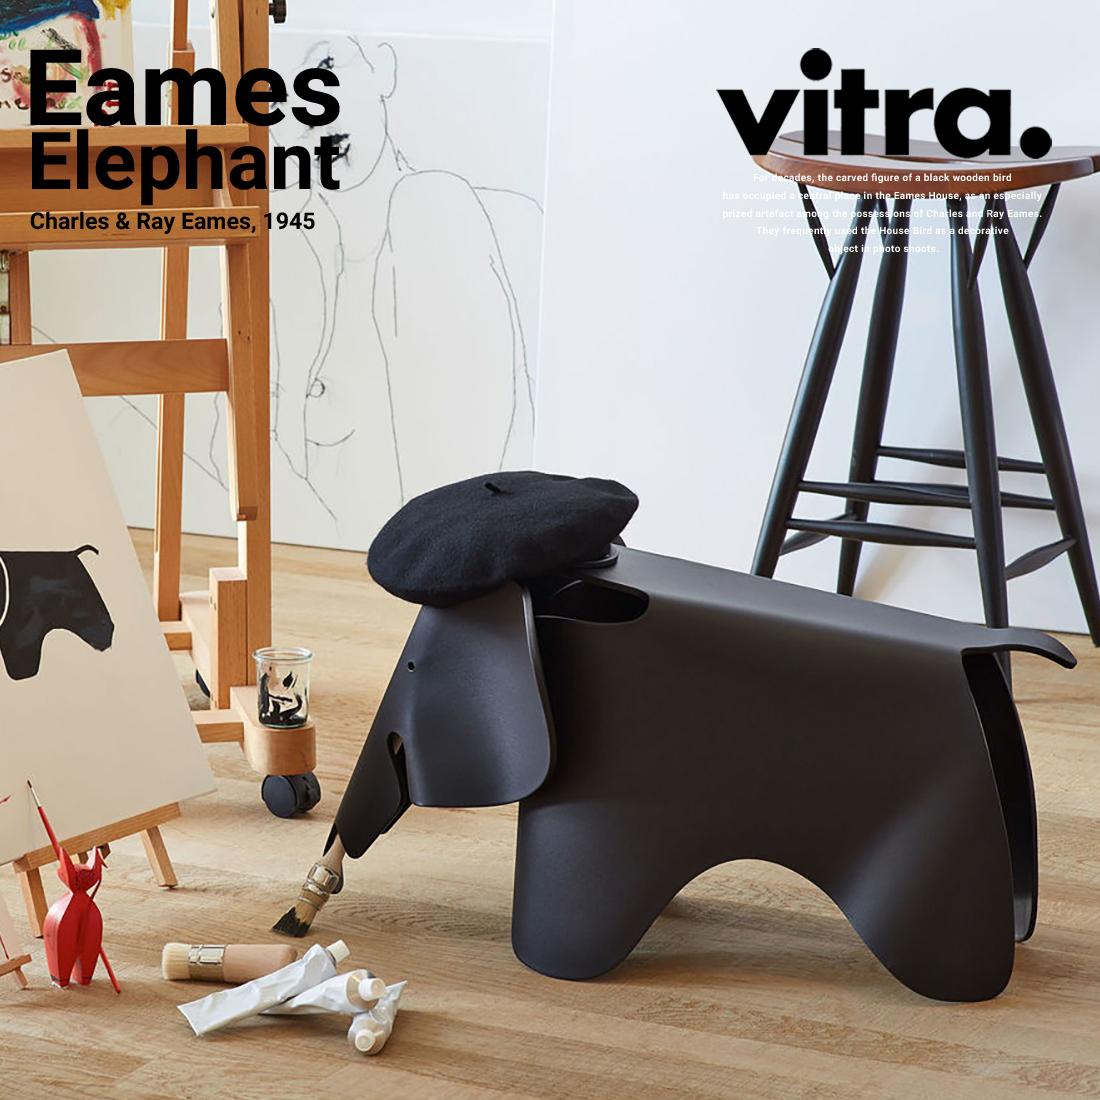 【Vitra】Eames Elephant イームズ エレファントスツールヴィトラ/Charles & Ray Eames/椅子/イス/チャールズ&レイ・イームズ コンビニ受取対応